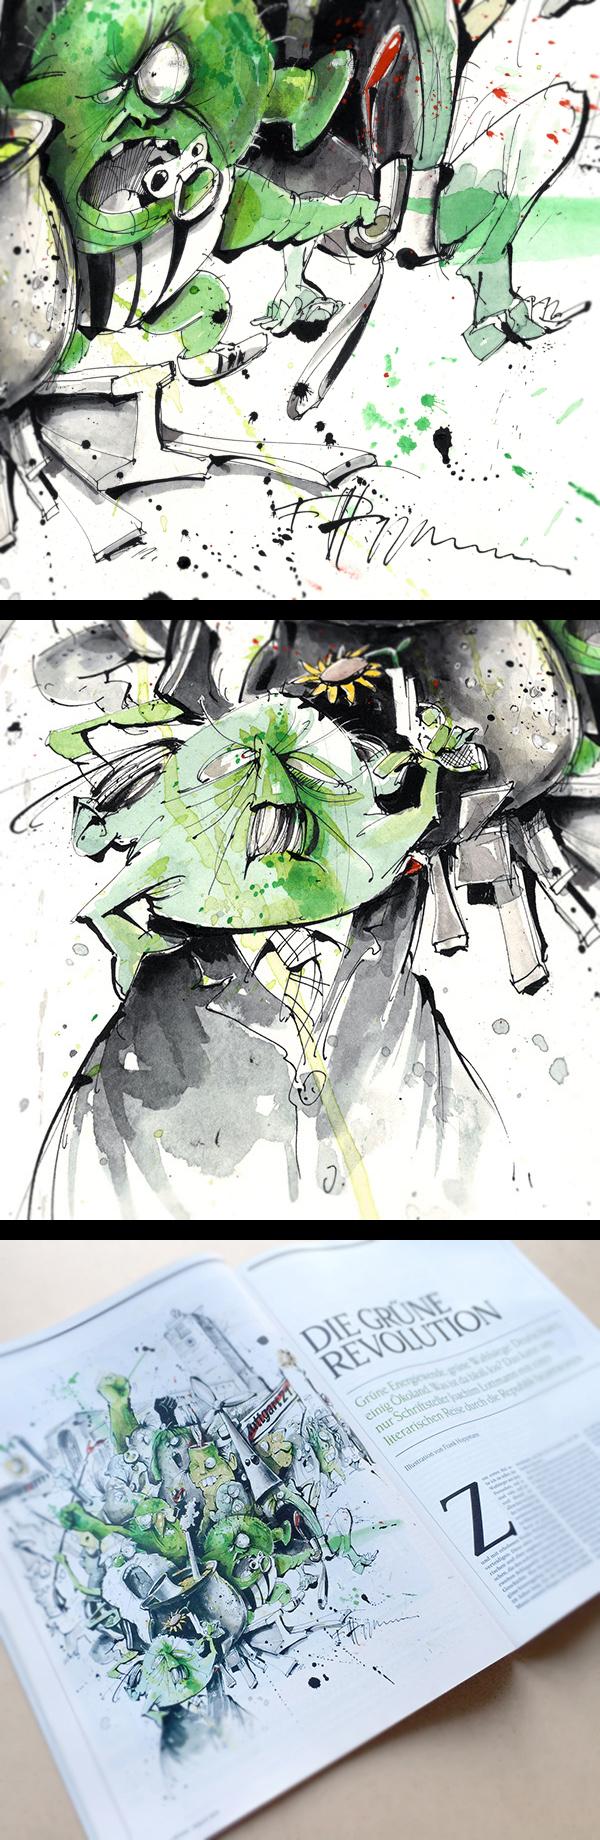 Frank Hoppmann | Rolling Stone magazin : DIE GRÜNE REVOLUTION/THE GREEN REVOLUTION - 2011